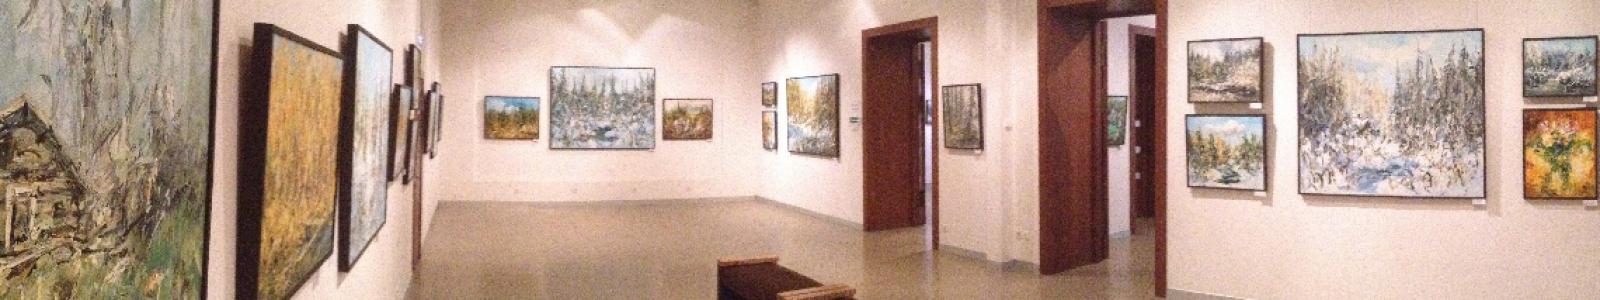 Gallery Painter Valeriy Ushkov